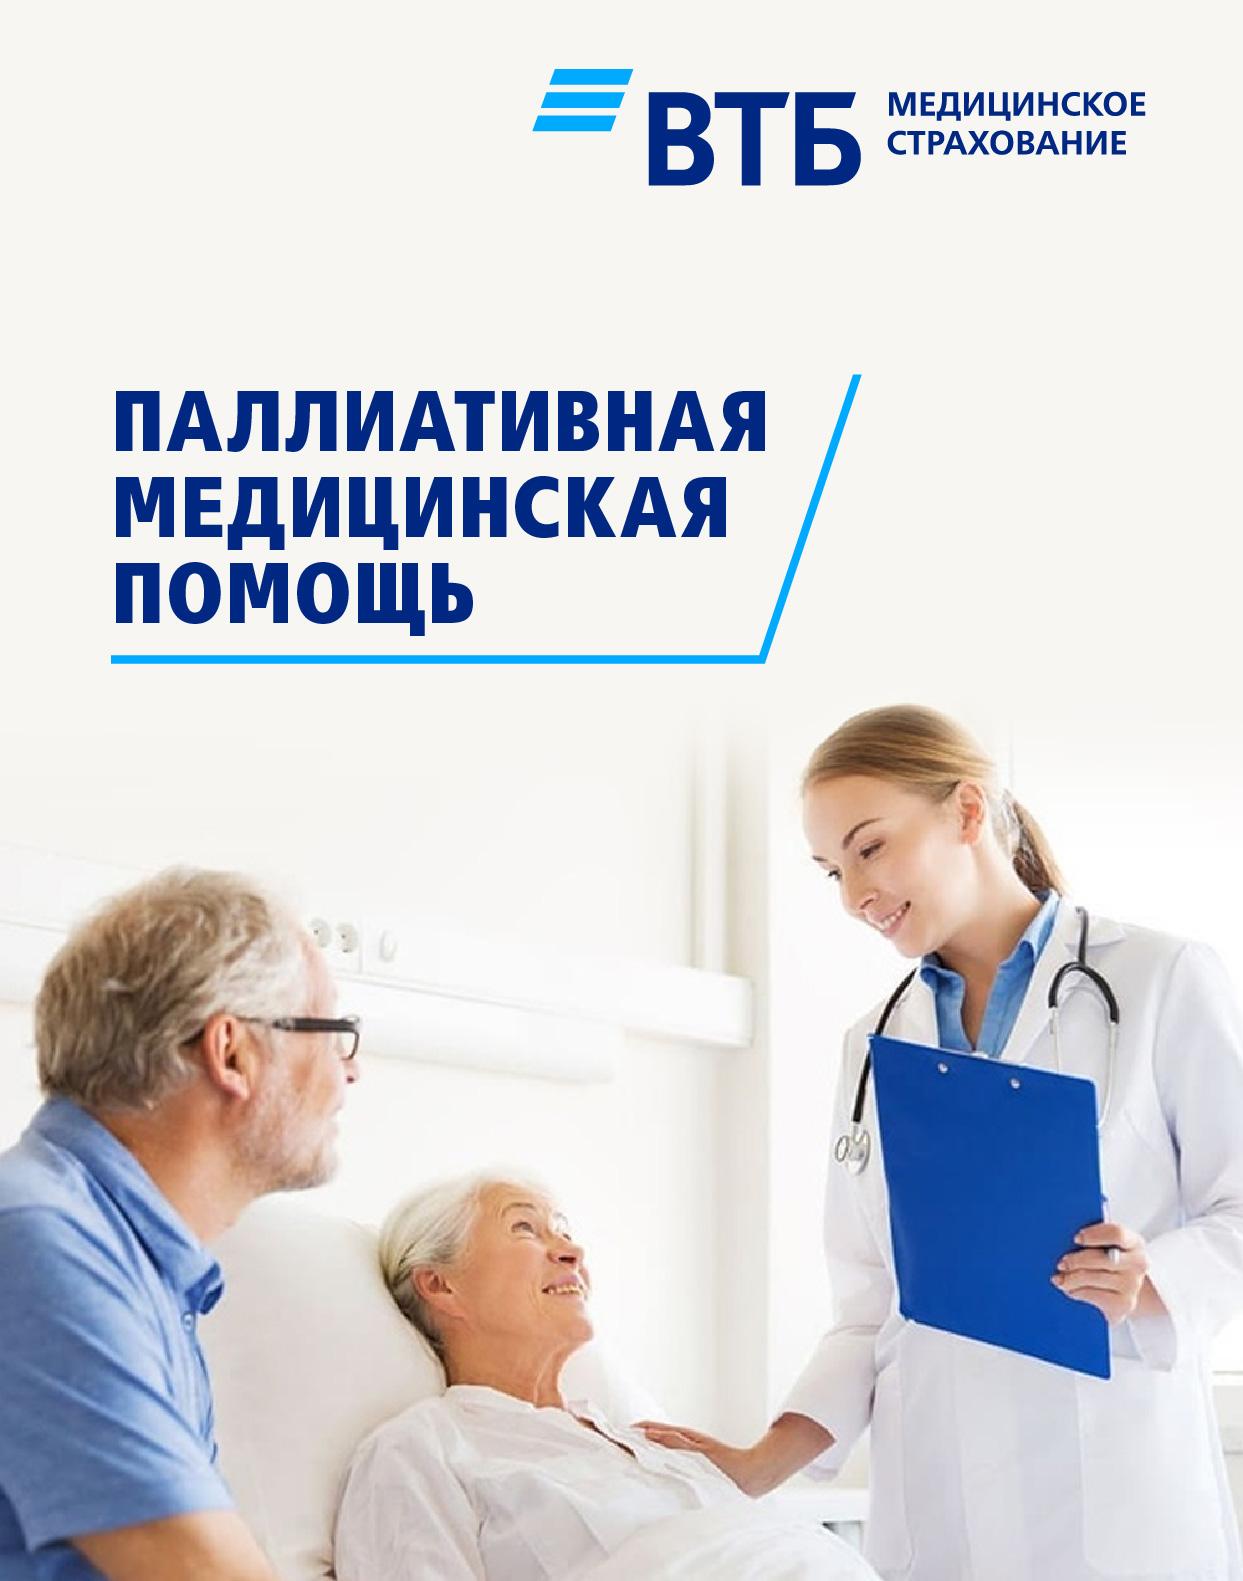 Паллиативная медицинская помощь оказывается бесплатно за счет государства